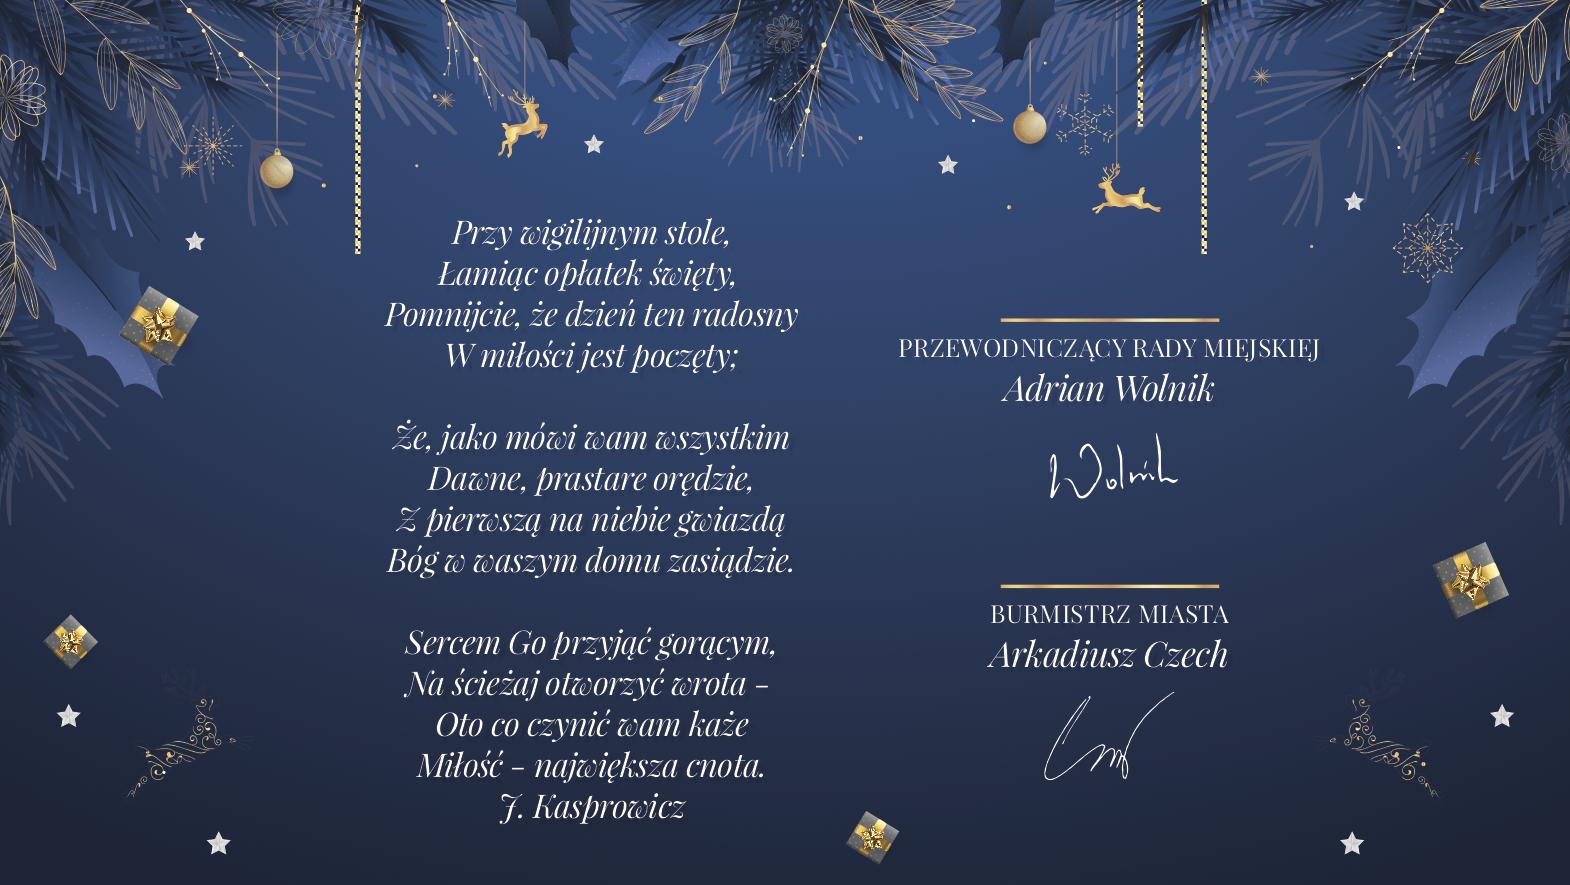 Życzenia świąteczne od władz miasta